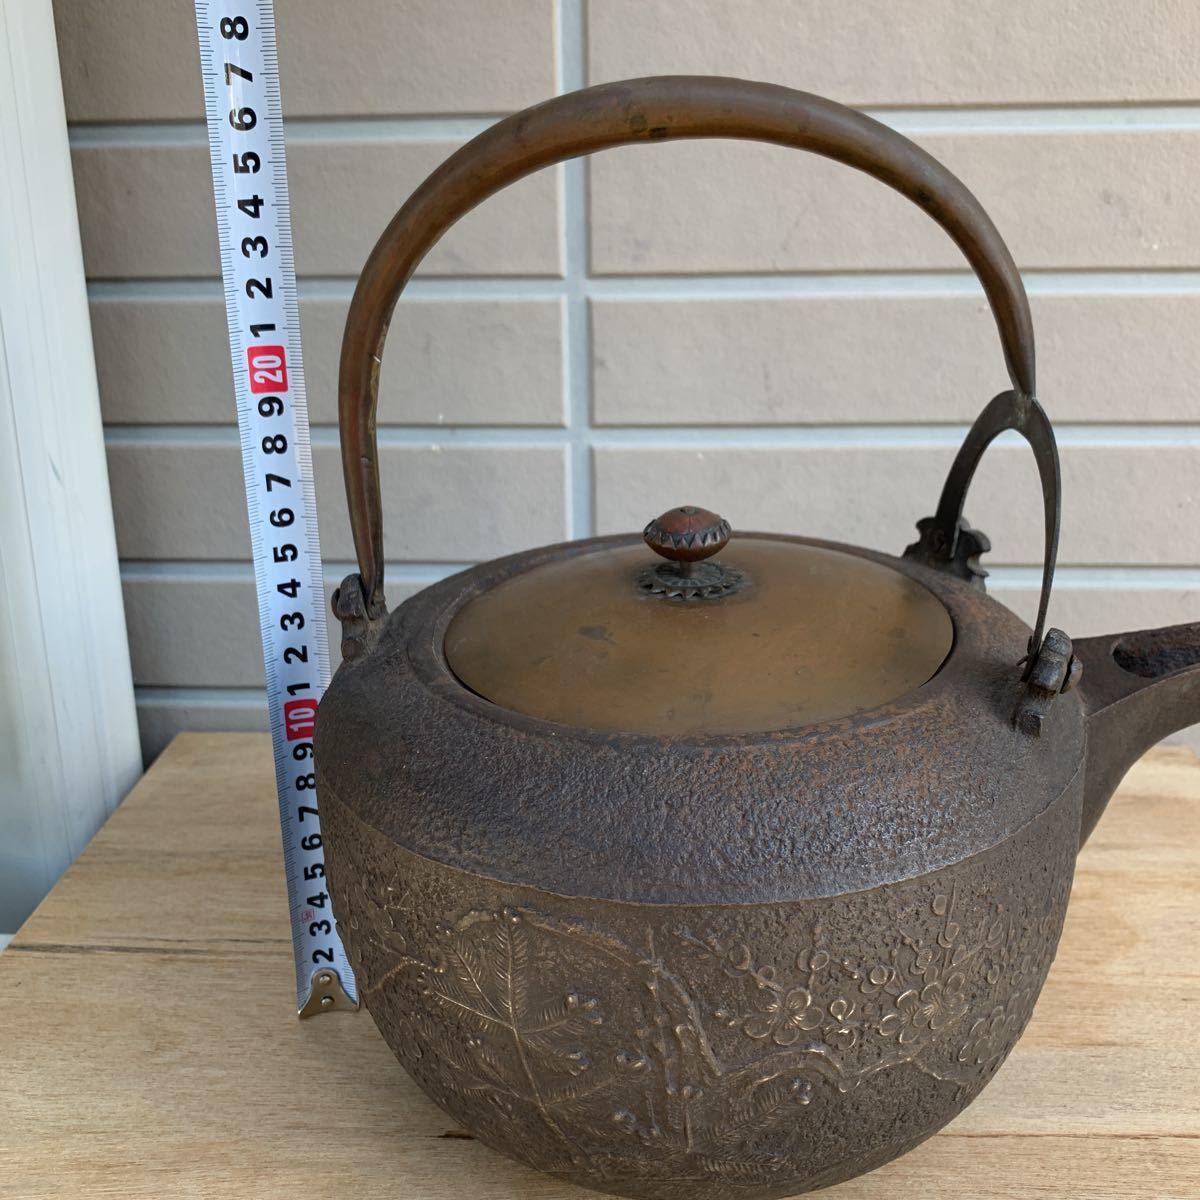 鉄瓶 松図 竹図 梅図 横約27cm 高さ約28cm 蓋唐金(大きさ13.2cm)煎茶道具_画像8